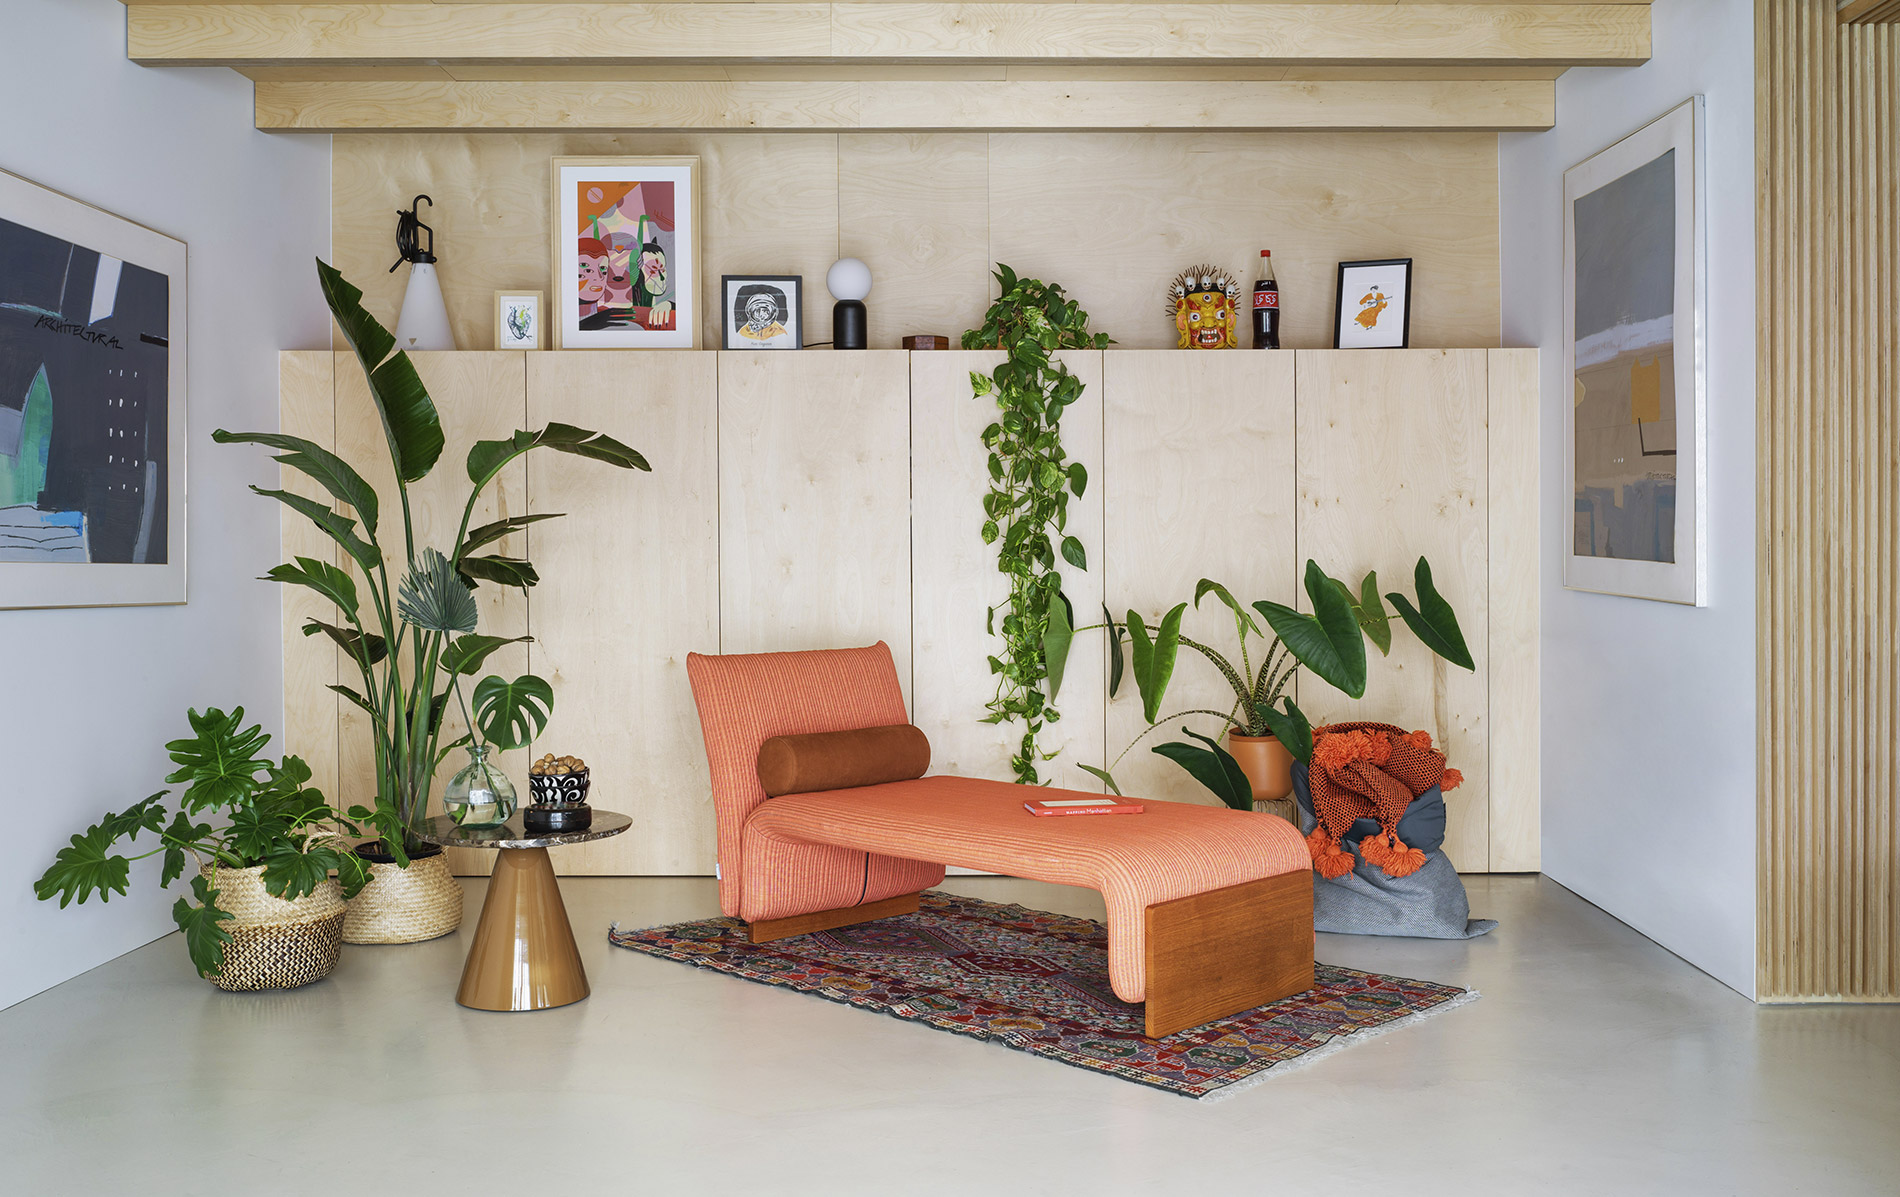 Apartamento de Ana x Sancal